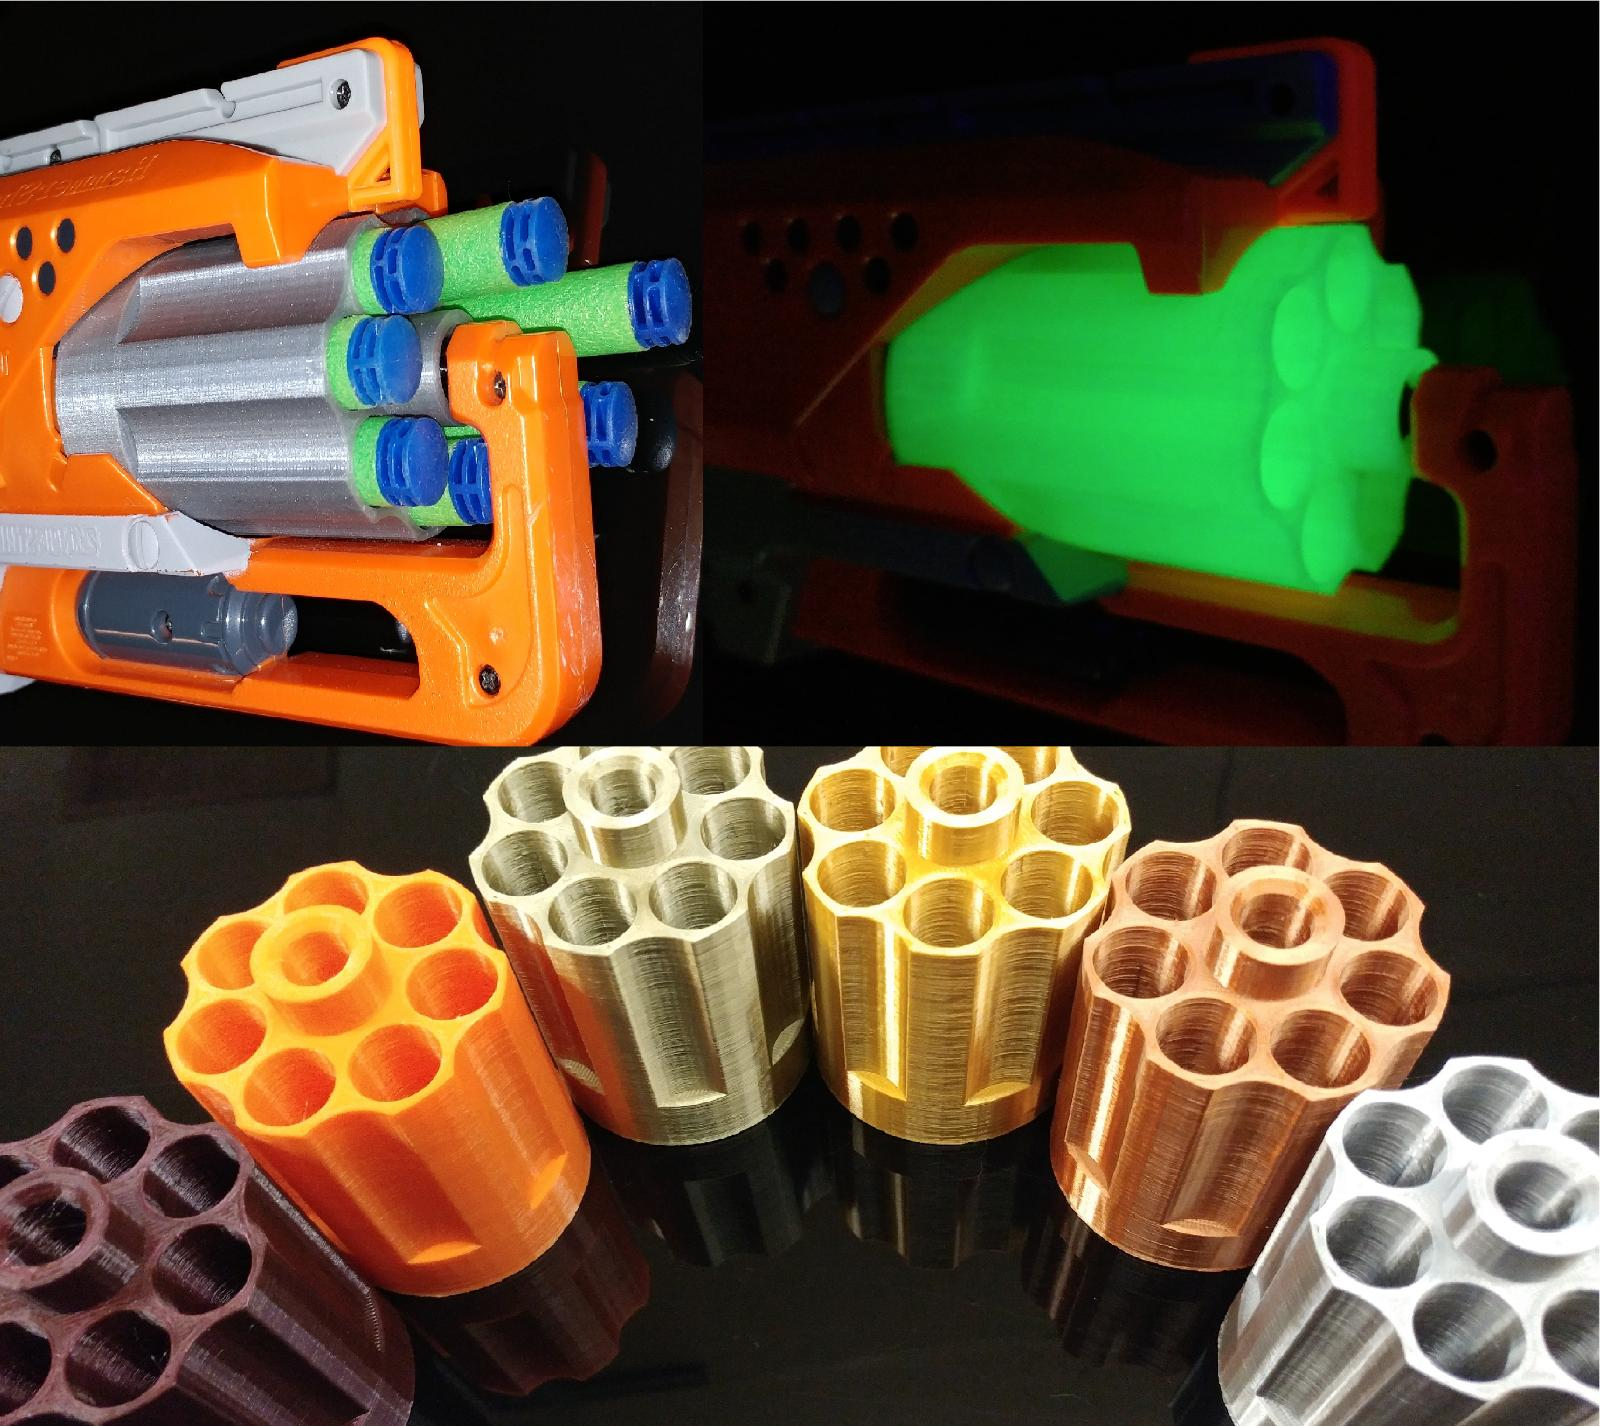 hammershot 7 round cylinder 3d print mod